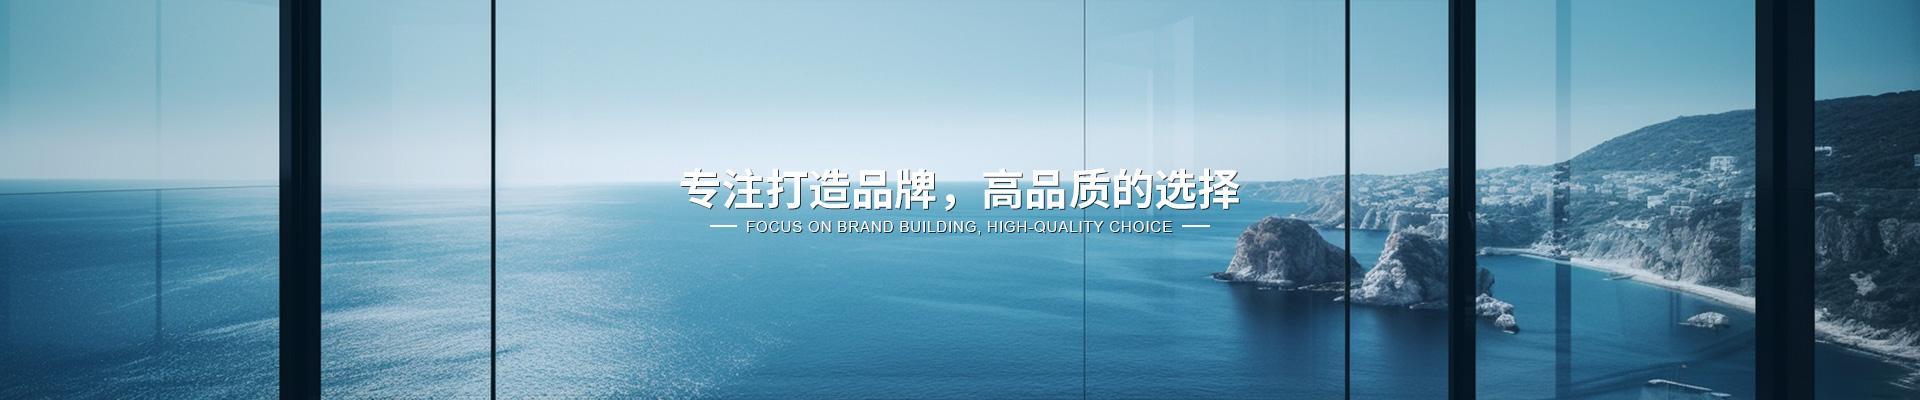 上海鑫武景觀綠化有限公司公司介紹